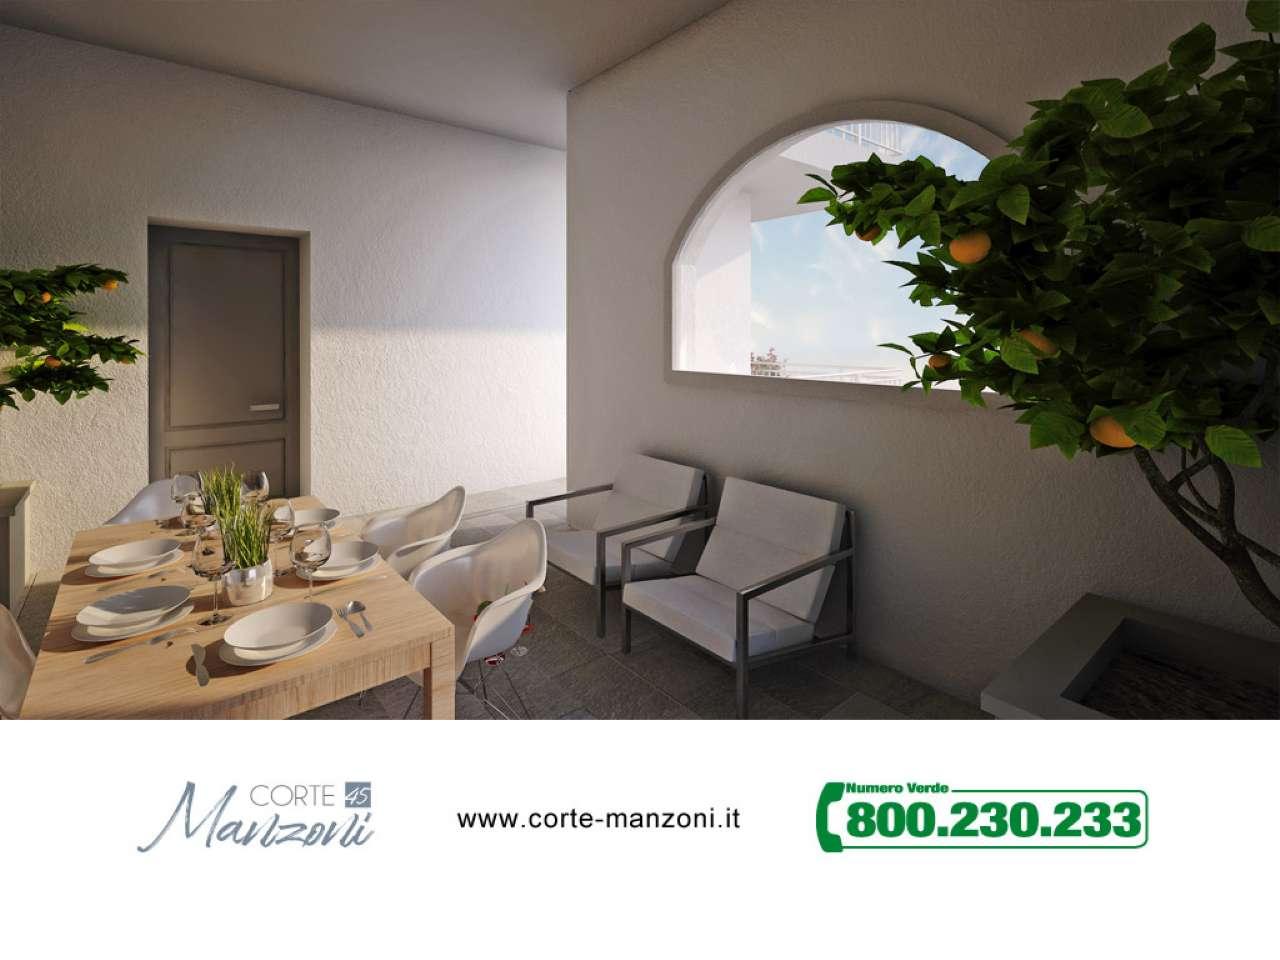 Nuovo appartamento di tre locali in Corte Manzoni, foto 7